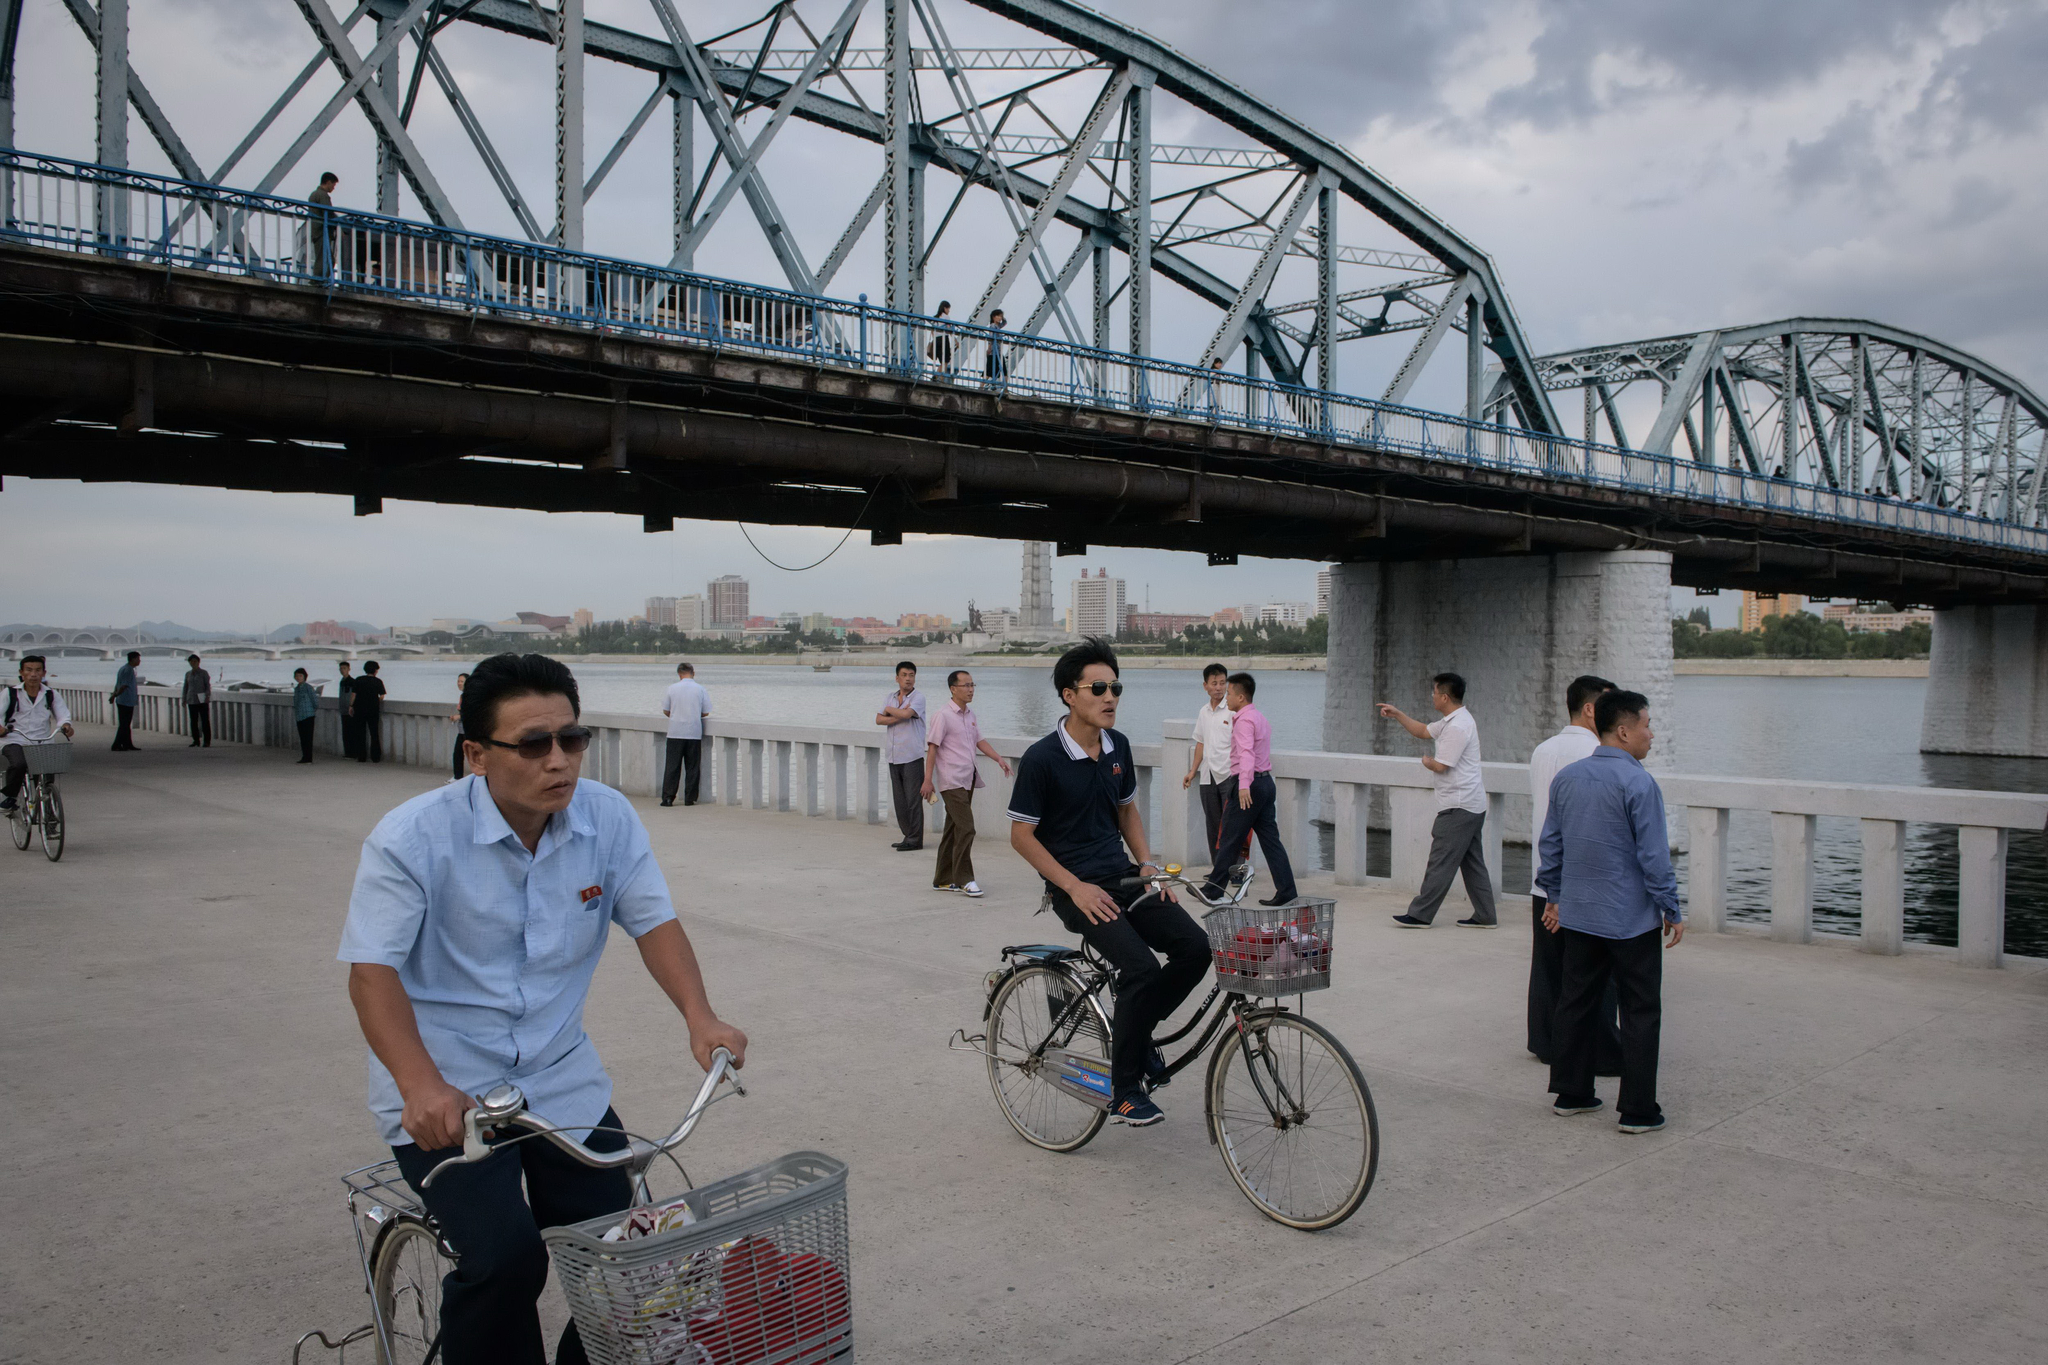 11일 평양 대동강변 북한 시민들 모습. 선글라스를 끼고 자전거를 타고 있는 모습이 보인다. [AFP=연합뉴스]